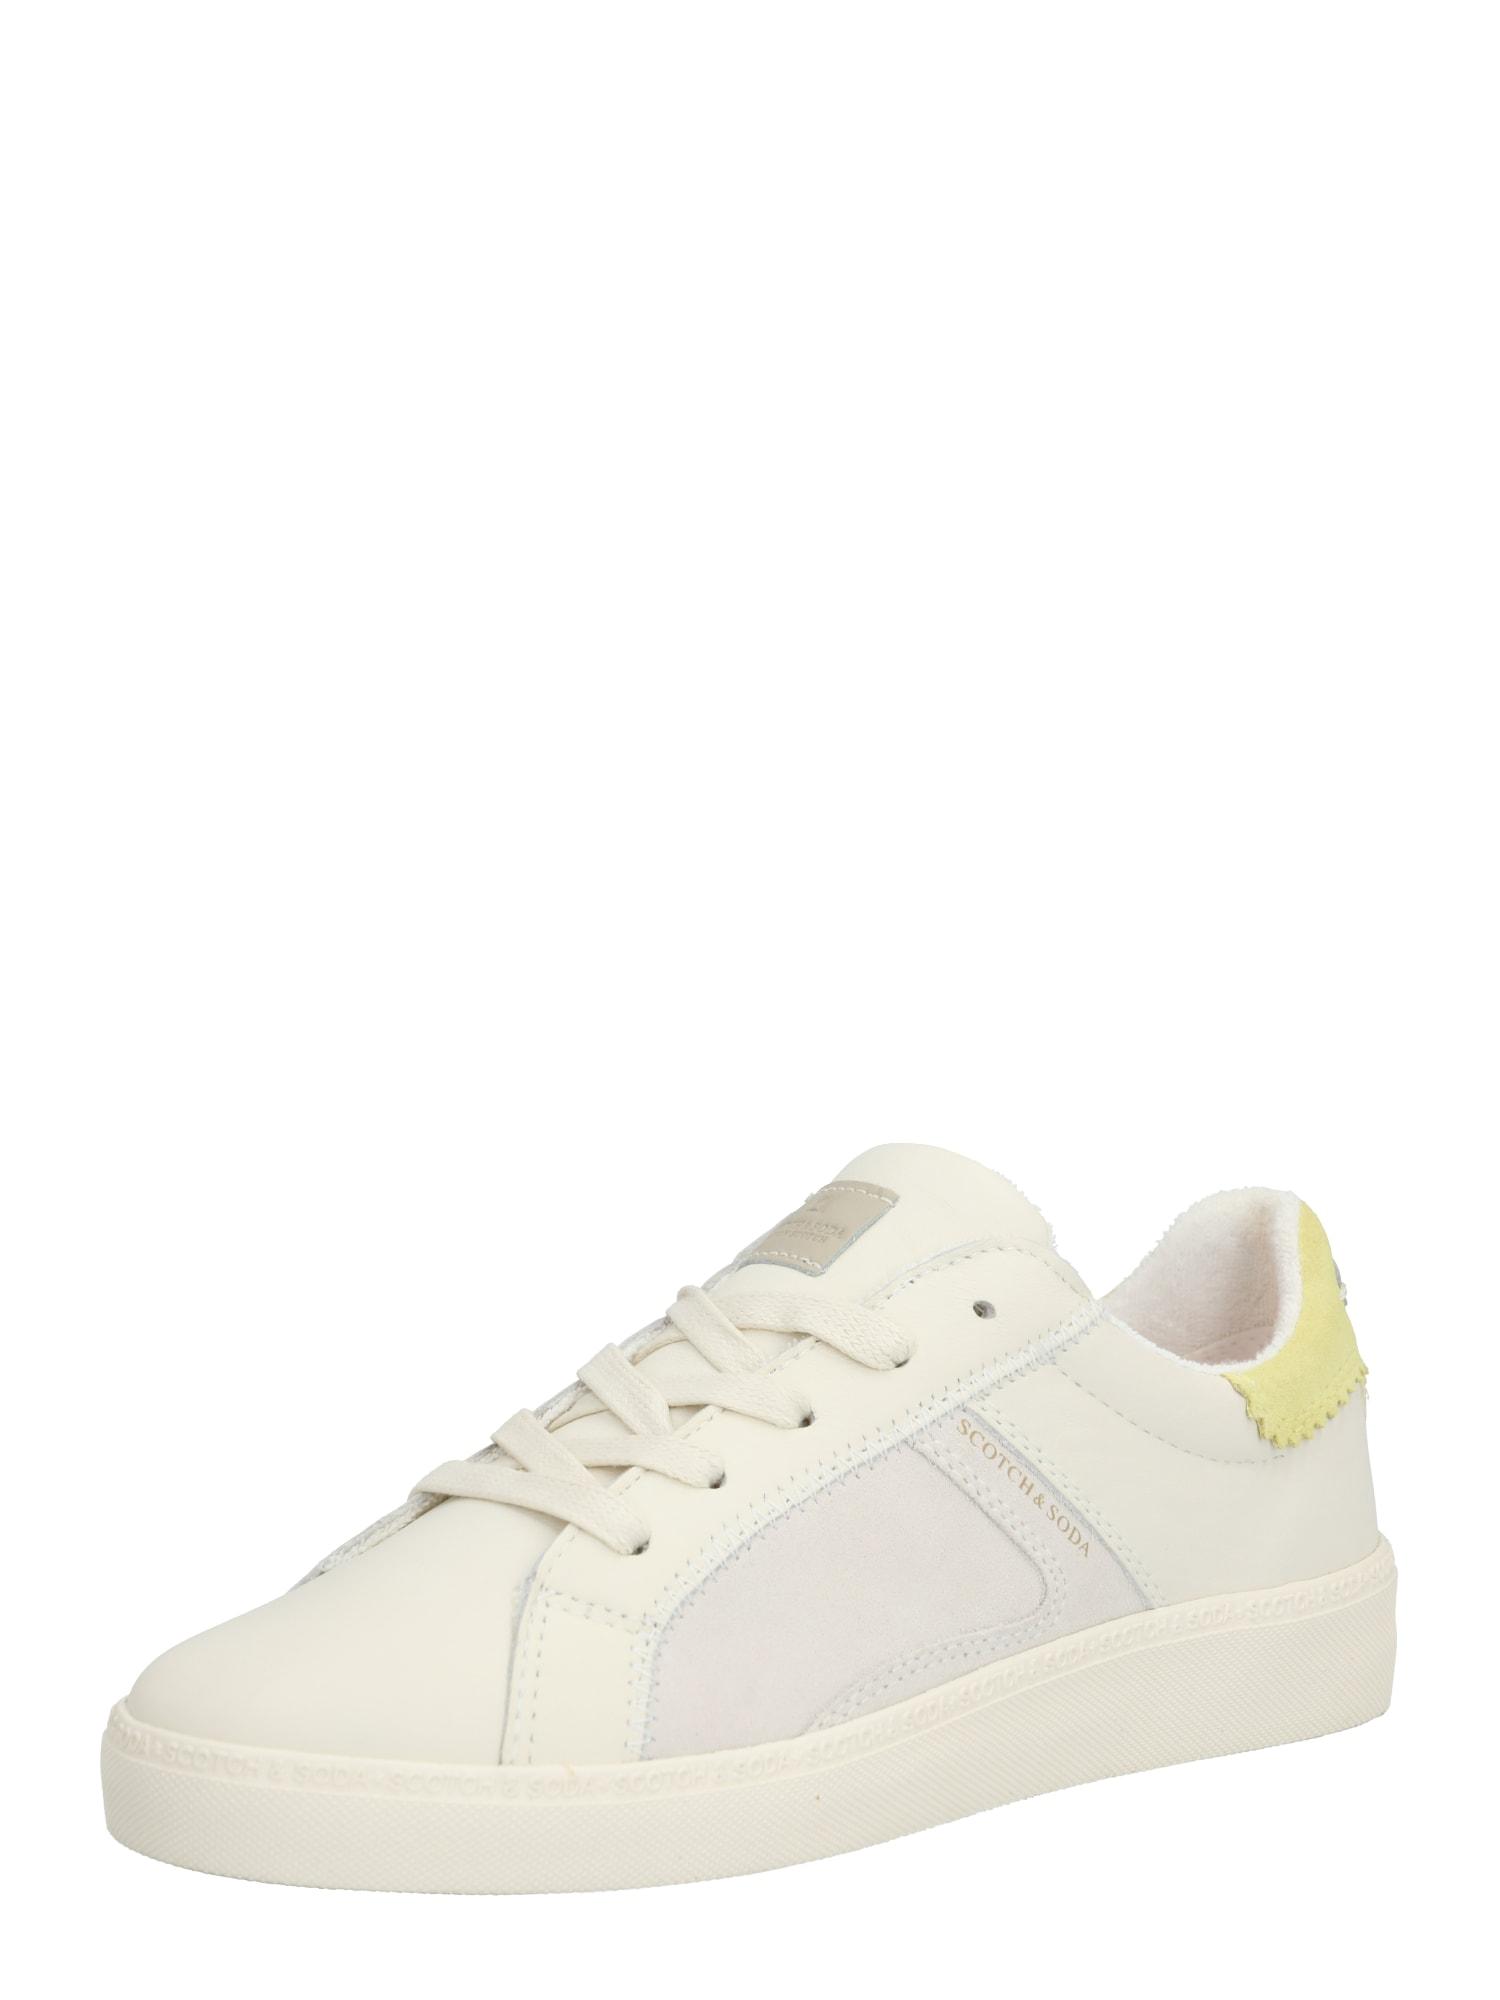 SCOTCH & SODA Nízke tenisky 'Laurite Low Lace Shoes'  žlté / biela